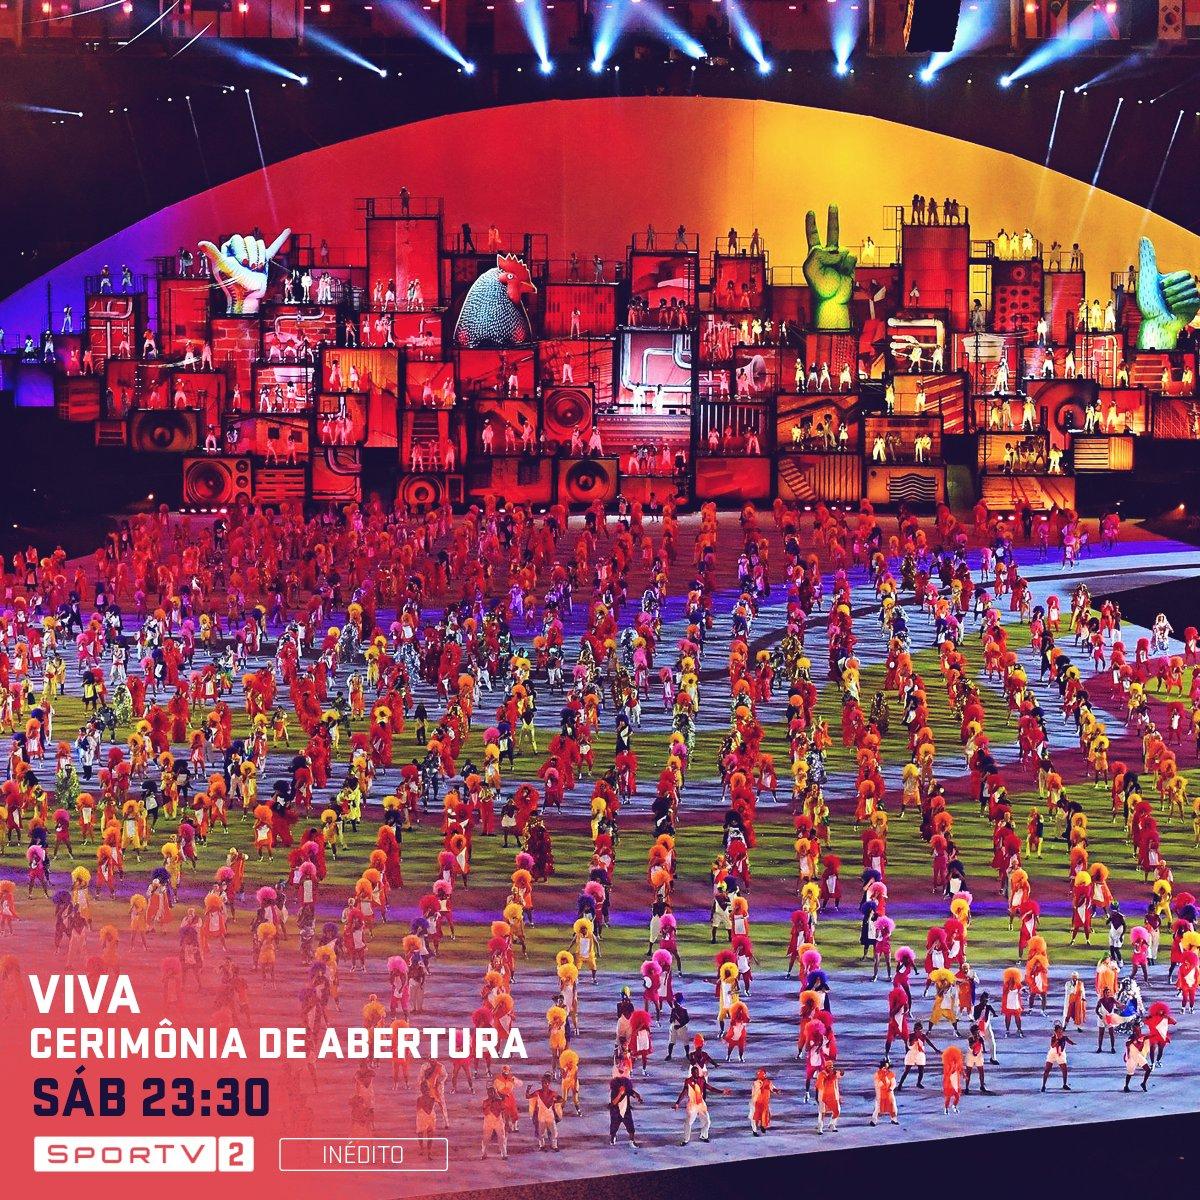 Documentário 'Viva', realizado pelo COI com os bastidores da Cerimônia de Abertura, será transmitido às 23:30, no SporTV2! #1anoJogosRio2016